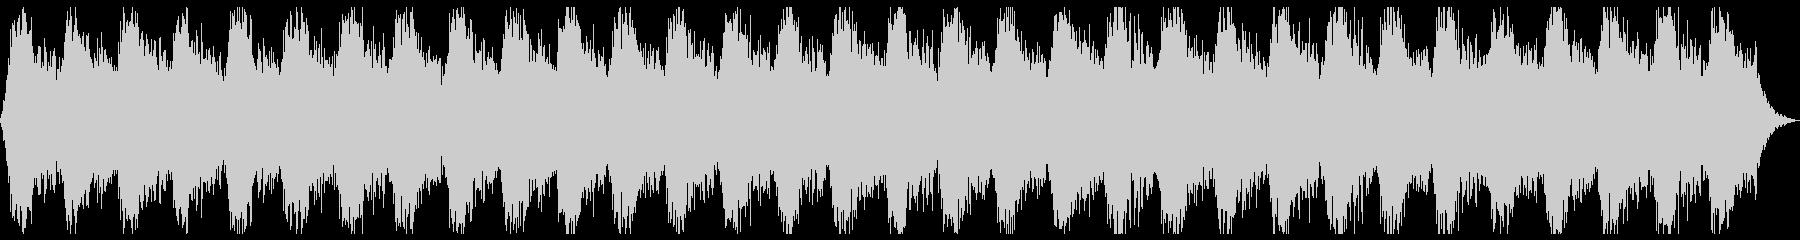 神秘的で広がりのあるアンビエントの未再生の波形